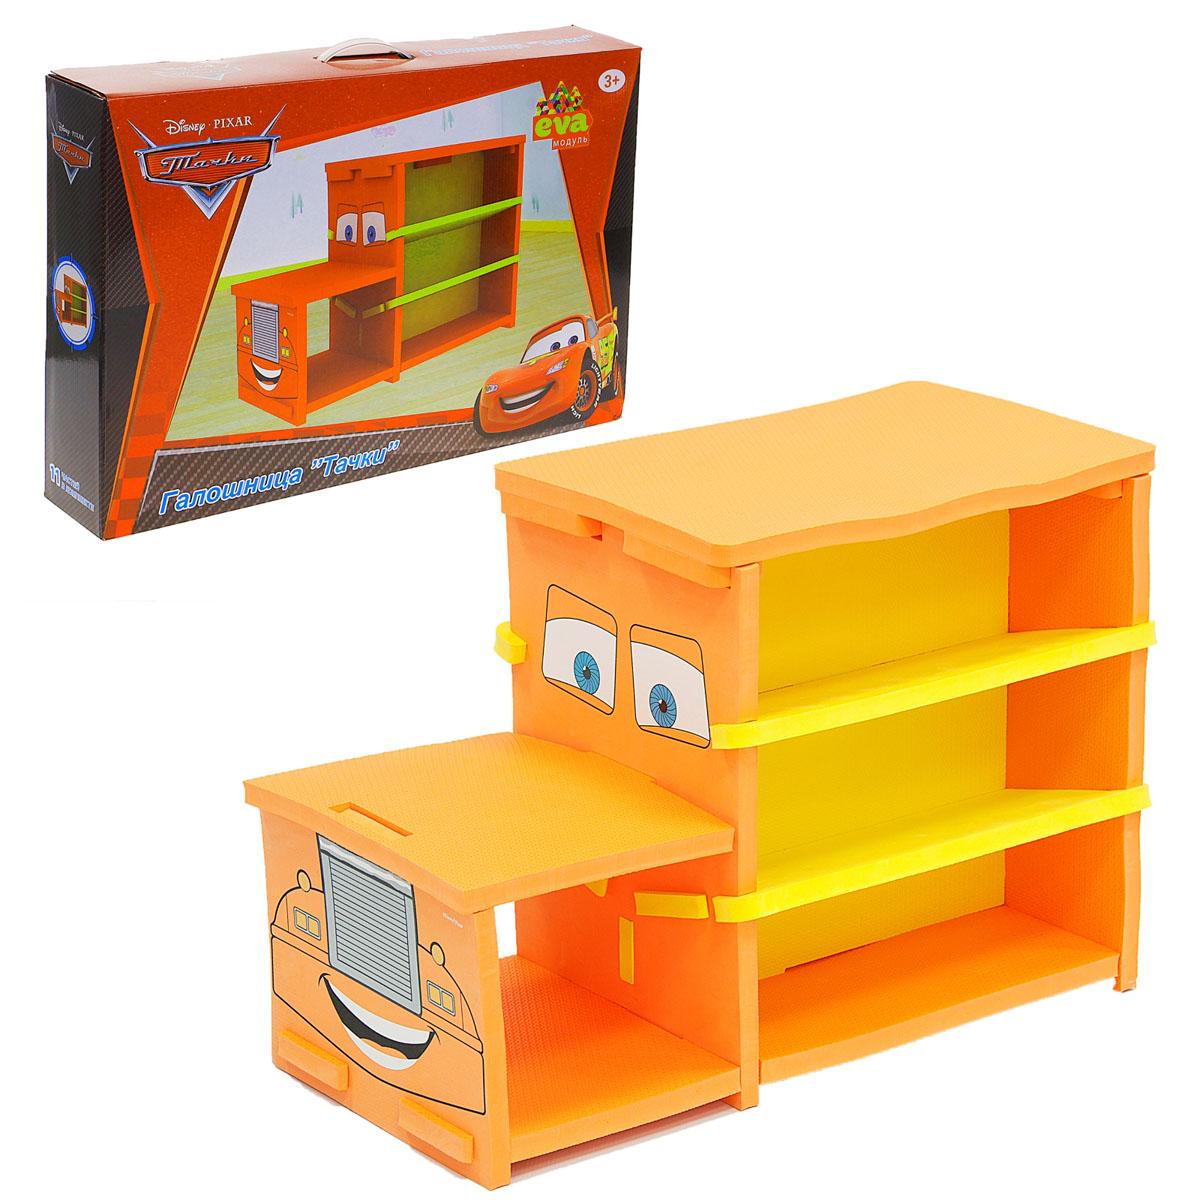 Галошница Disney Тачки, 61 х 32 х 43 см894200Галошница Disney Тачки изготовлена из ЭВА - это экологически чистого высокоэффективного вспененного каучука. Материал безопасный и без запаха. Галошница предназначена для использовать в качестве полочки для детской обуви. Любимые игрушки и книжки малыши также с удовольствием разместят на удобном и красивом стеллаже. Красочная галошница, выполненная в виде одной из диснеевских «Тачек». Это не просто шкаф для обуви, а дополнительная возможность поиграть с любимыми героями. С галошницей Disney Тачки будет приятно и интересно размещать свои вещи,книжки и игрушка на стеллаже с машинками. Размеры галошницы: 61 см х 32 см х 43 см.